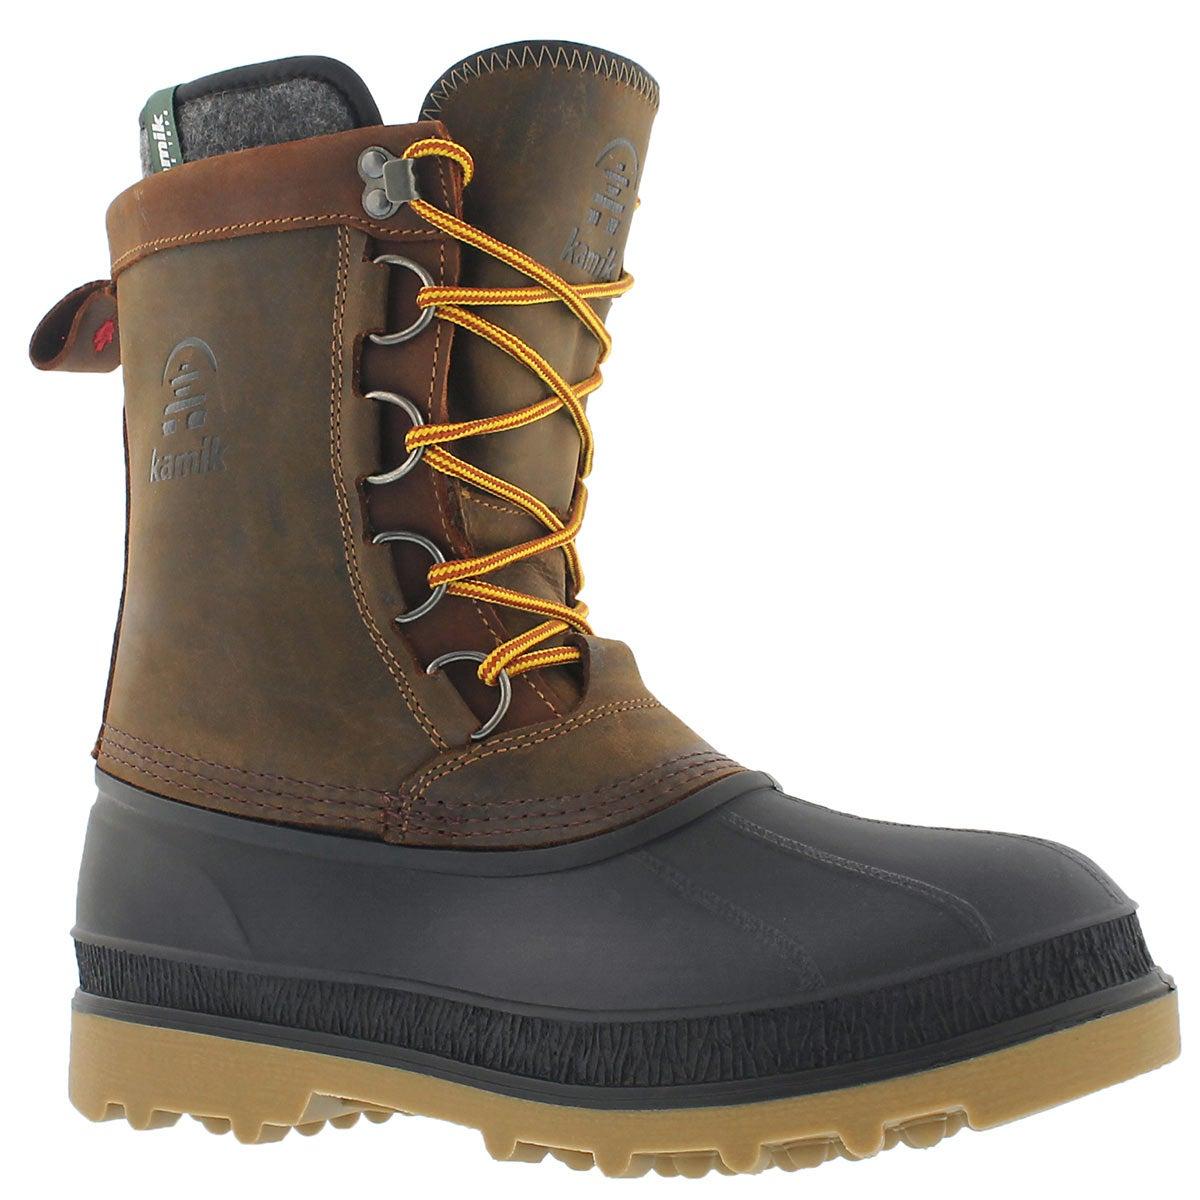 Mns William gaucho wtrprf winter boot